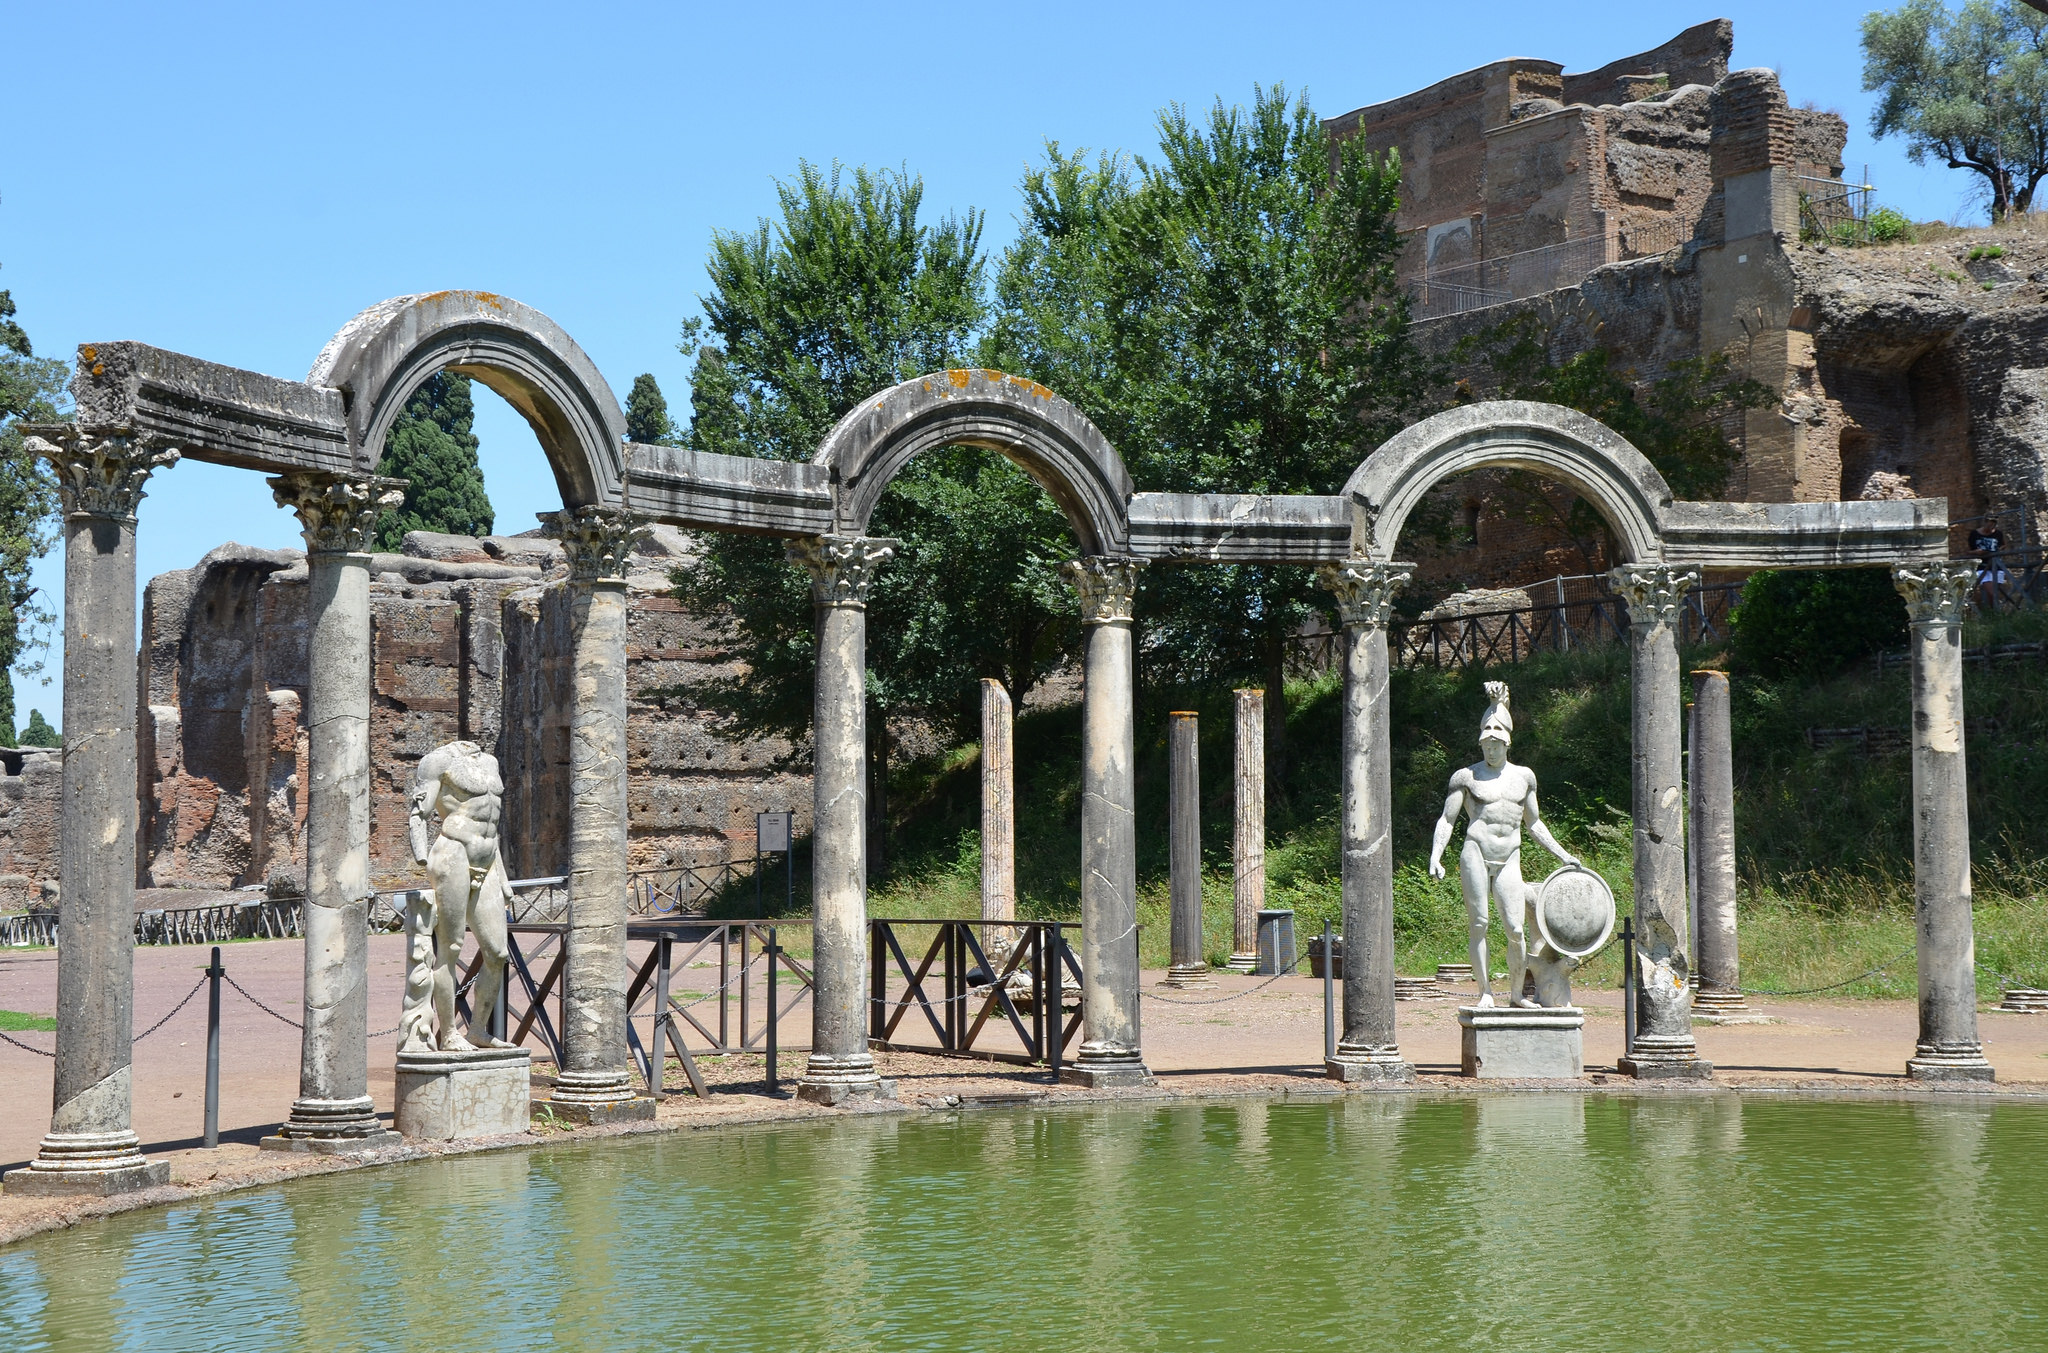 The Canopus At Hadrian S Villa Tivoli Illustration